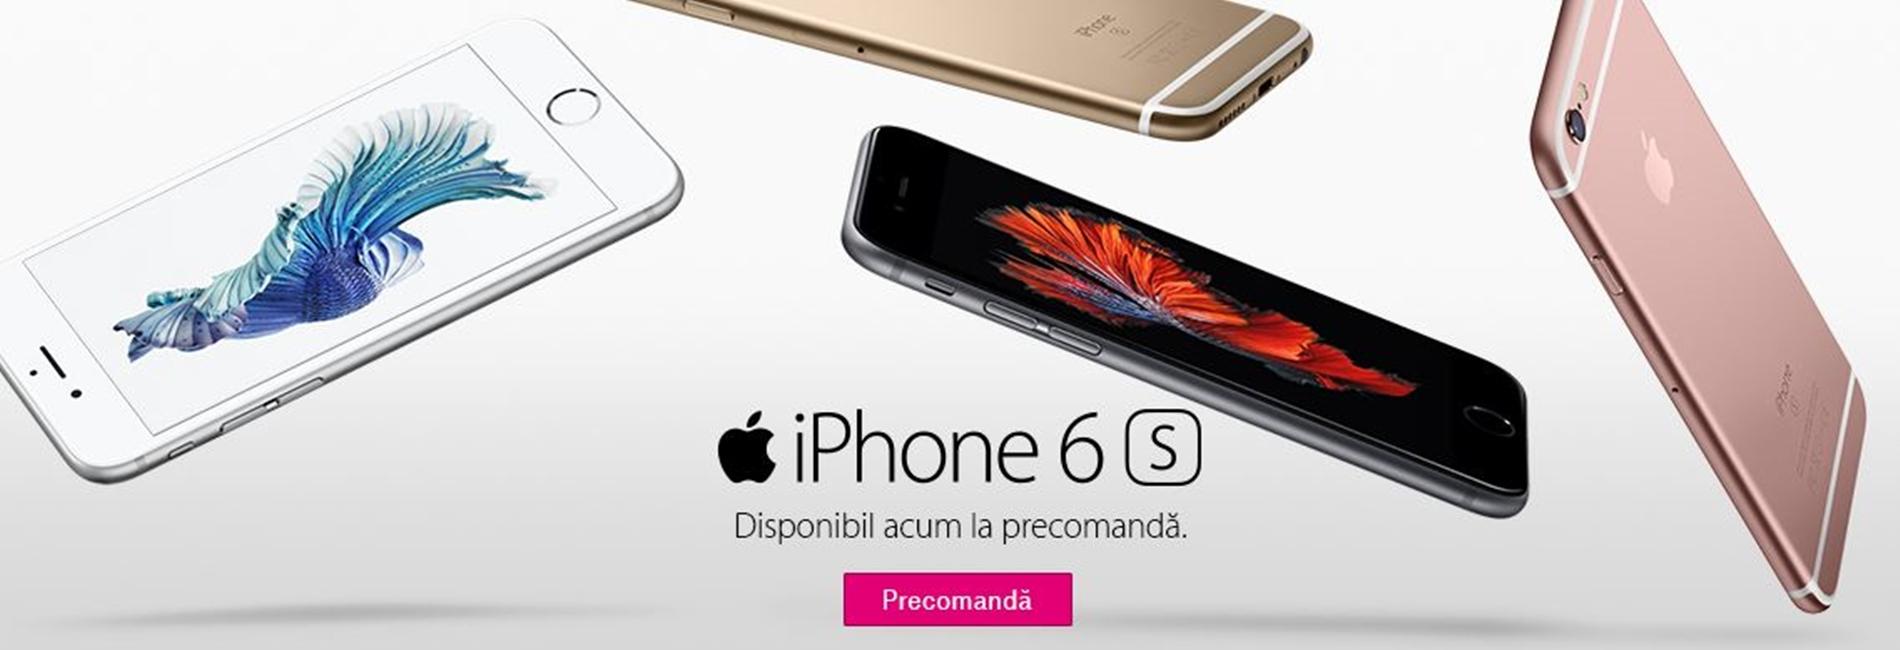 iPhone 6S - lansare in Romania cu stocuri reduse